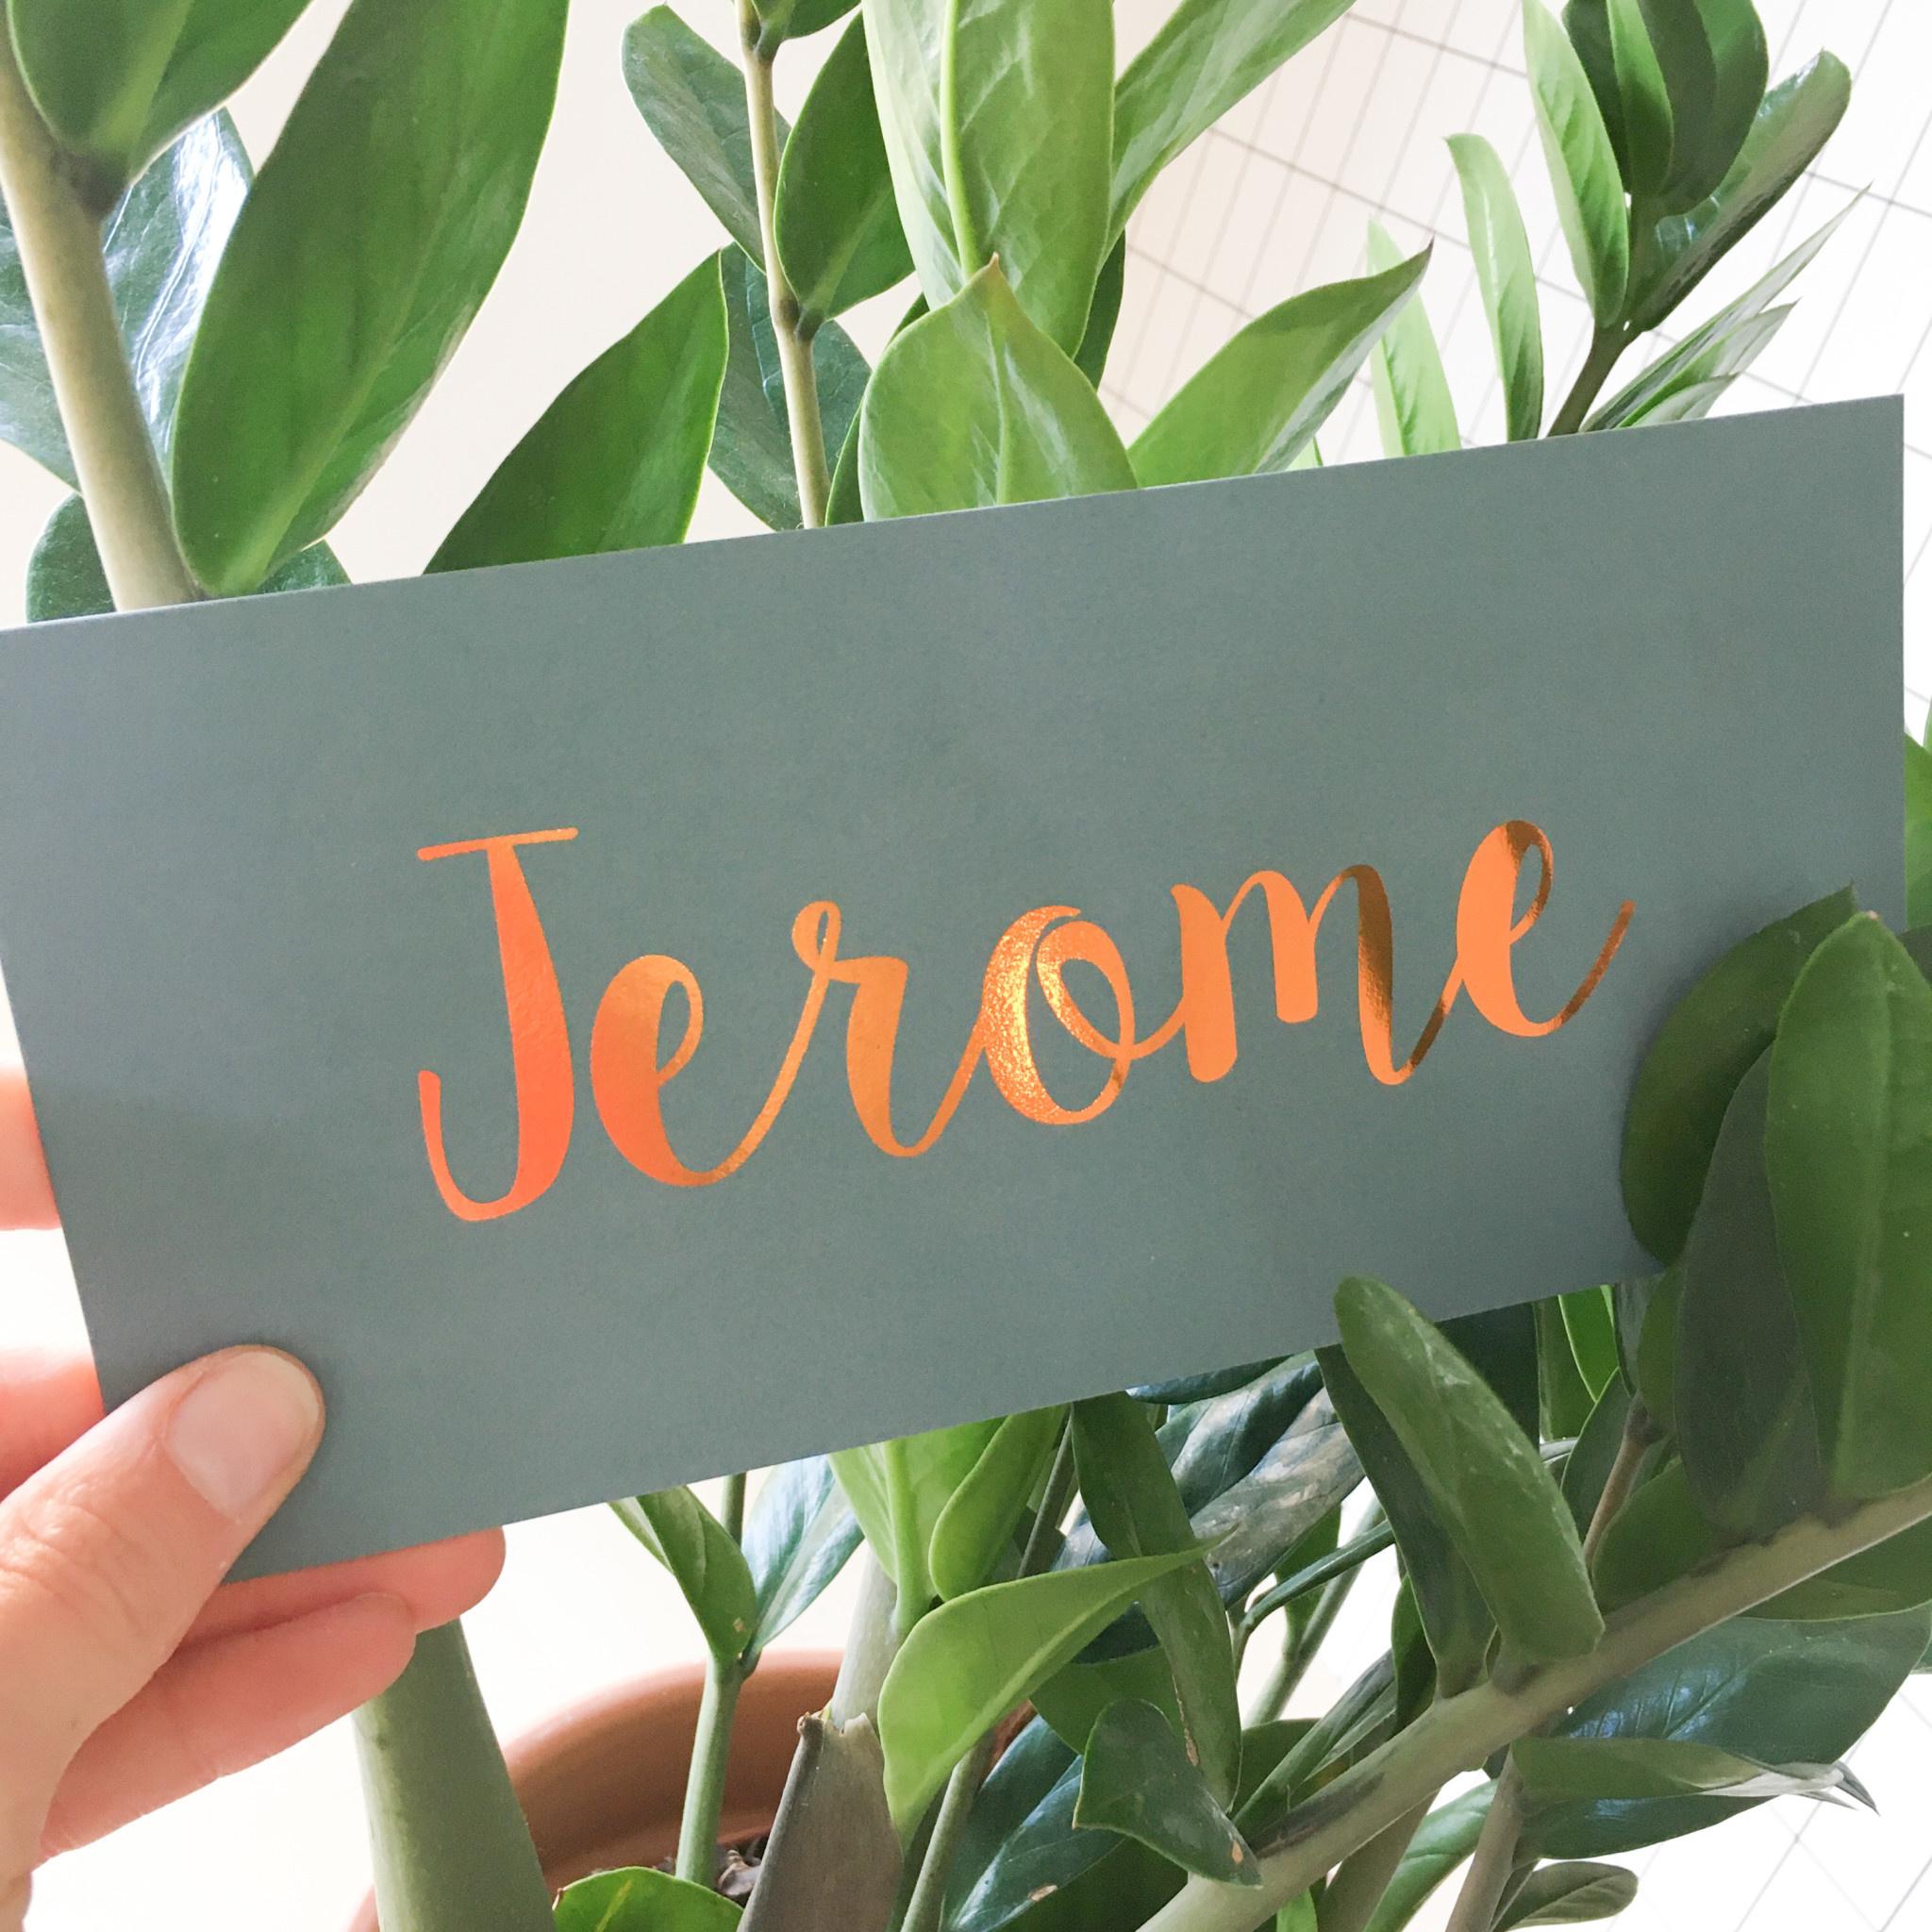 geboren_10-23 Jerome